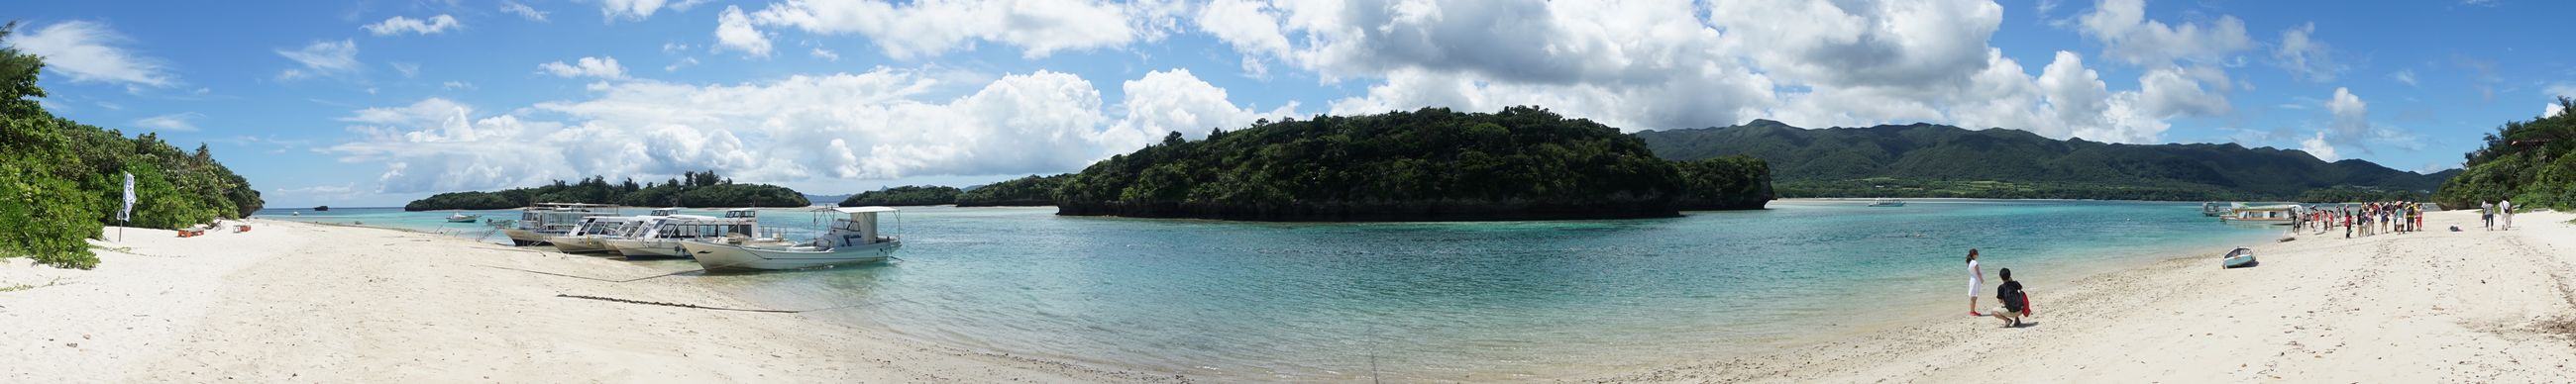 沖縄県 ( Okinawa ) 石垣島 ( Ishigaki Island Ishigakijima Yaeyama )の 川平湾 ( Kabira )の パノラマ です